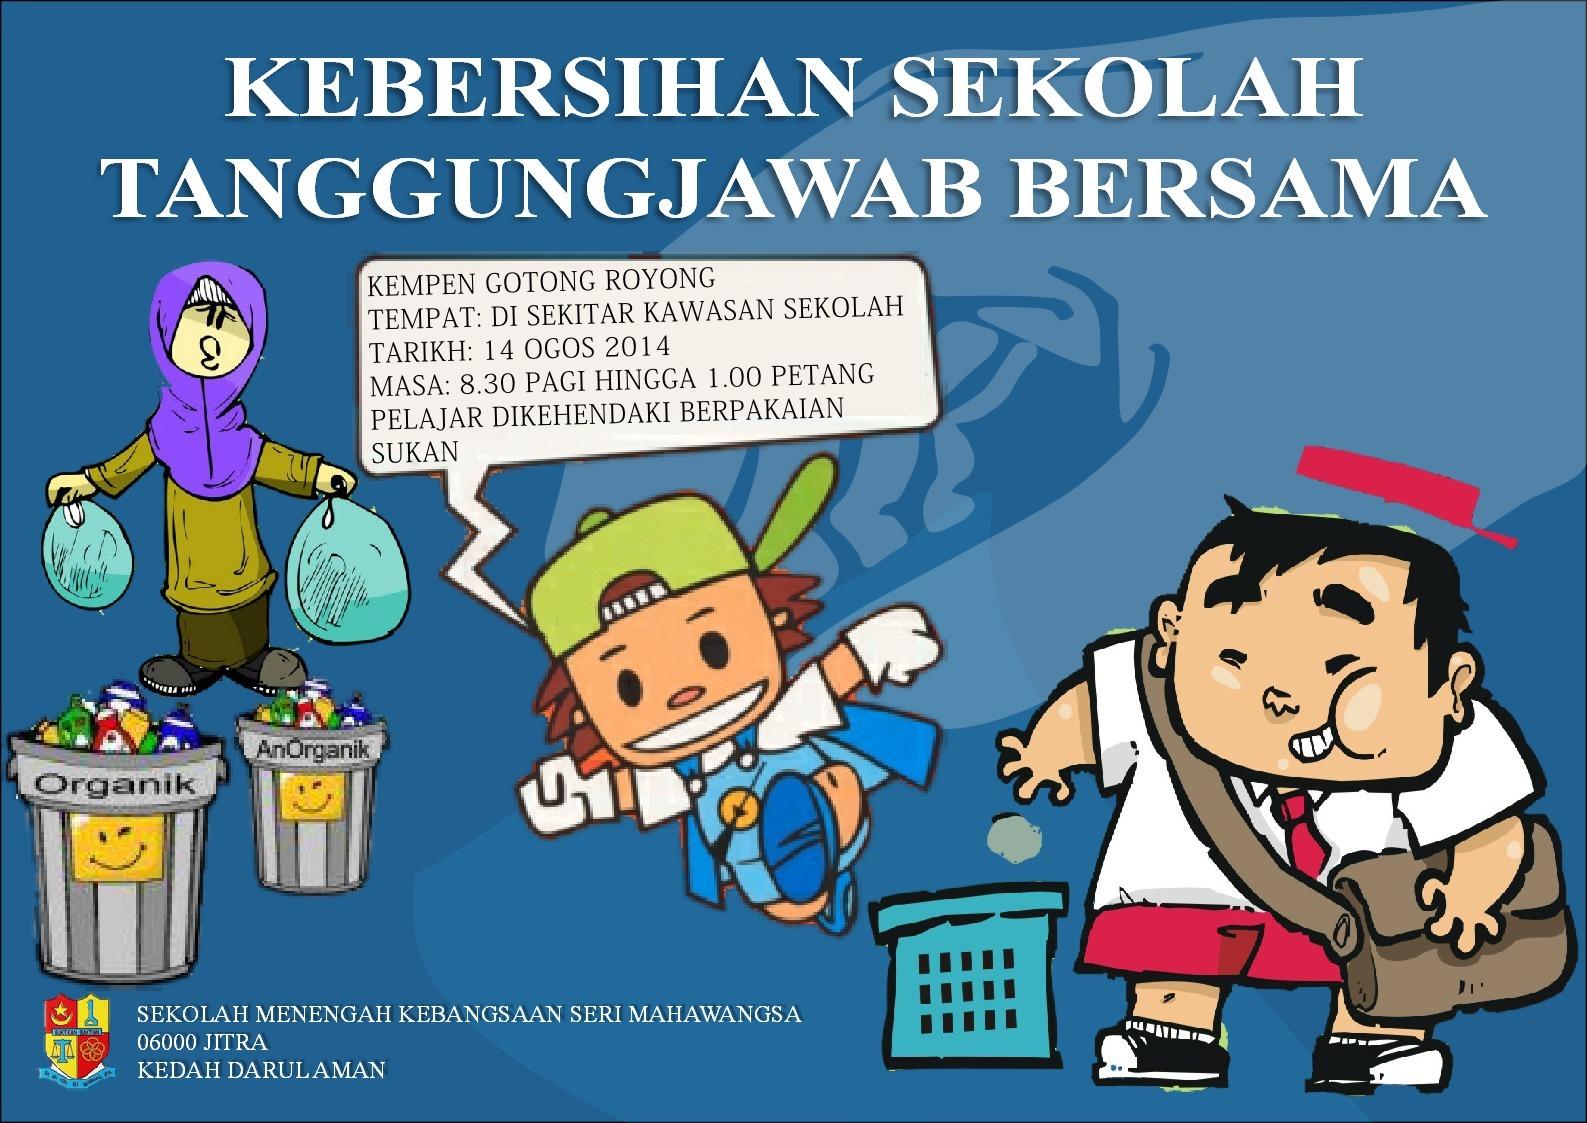 Contoh Poster Tentang Kebersihan Di Sekolah